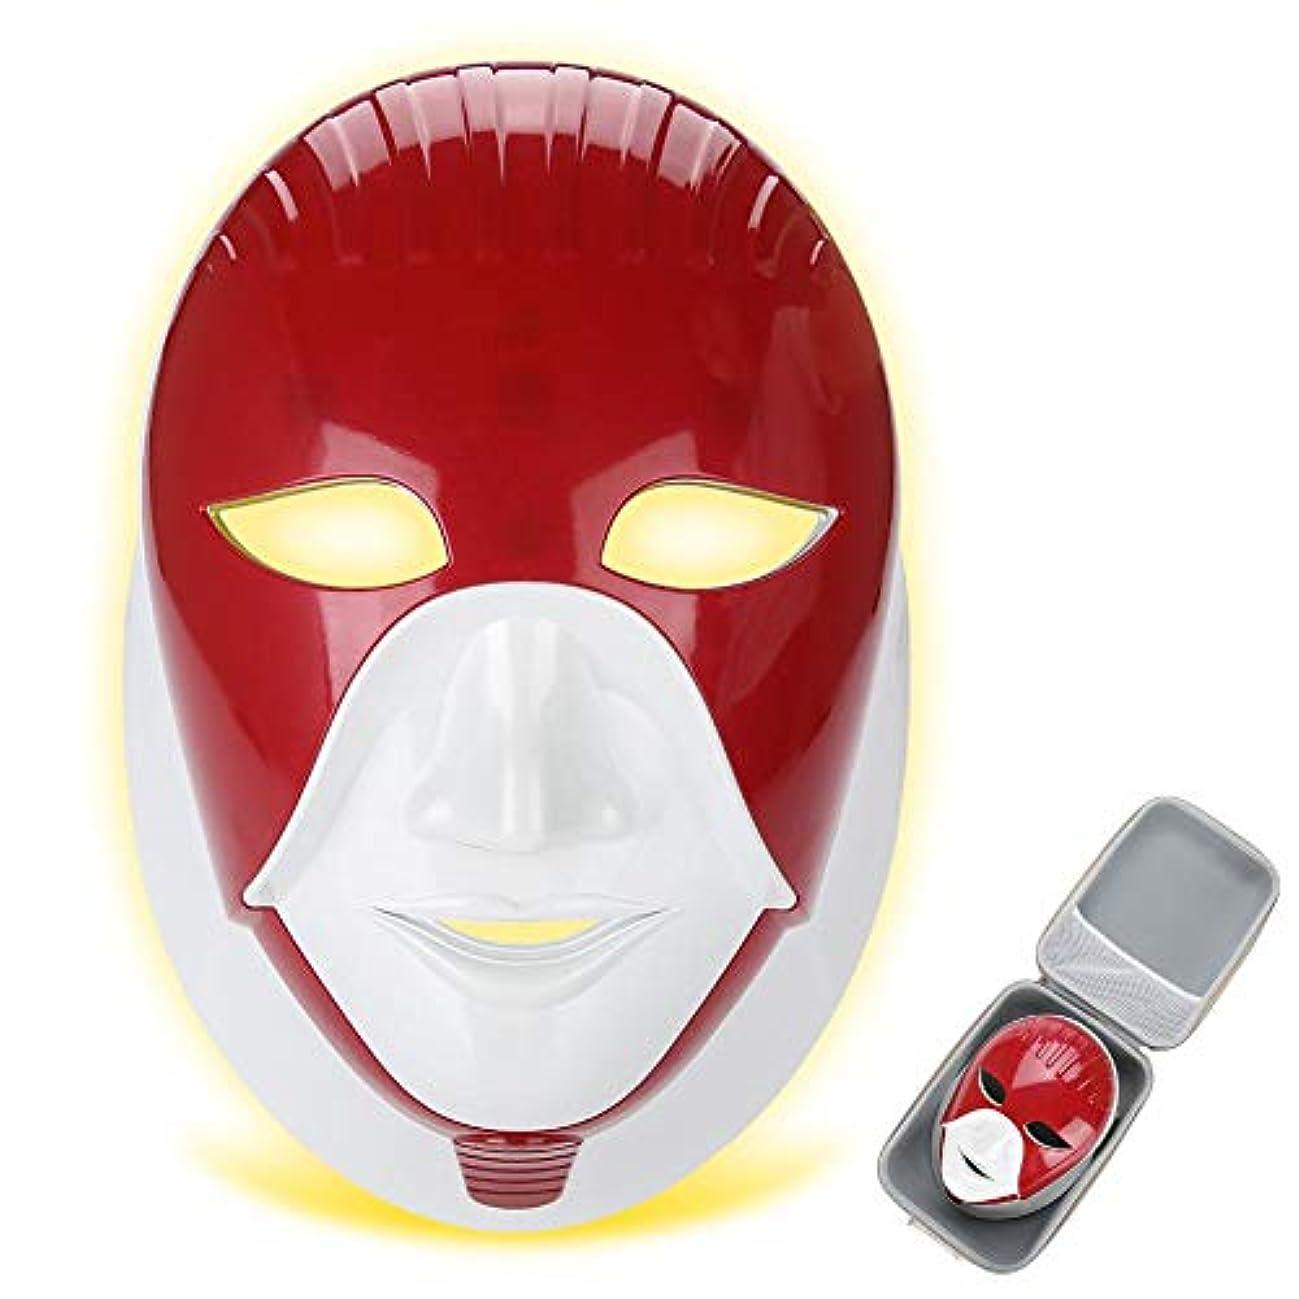 聞きますファイナンス外向きLEDフェイシャルネックマスク、滑らかな肌のより良いのための7色のネオン - 輝くライトフェイスケア美容ツール、肌のリラクゼーショング、引き締め、調色、引き締まった肌、瑕疵び、美白(01#)